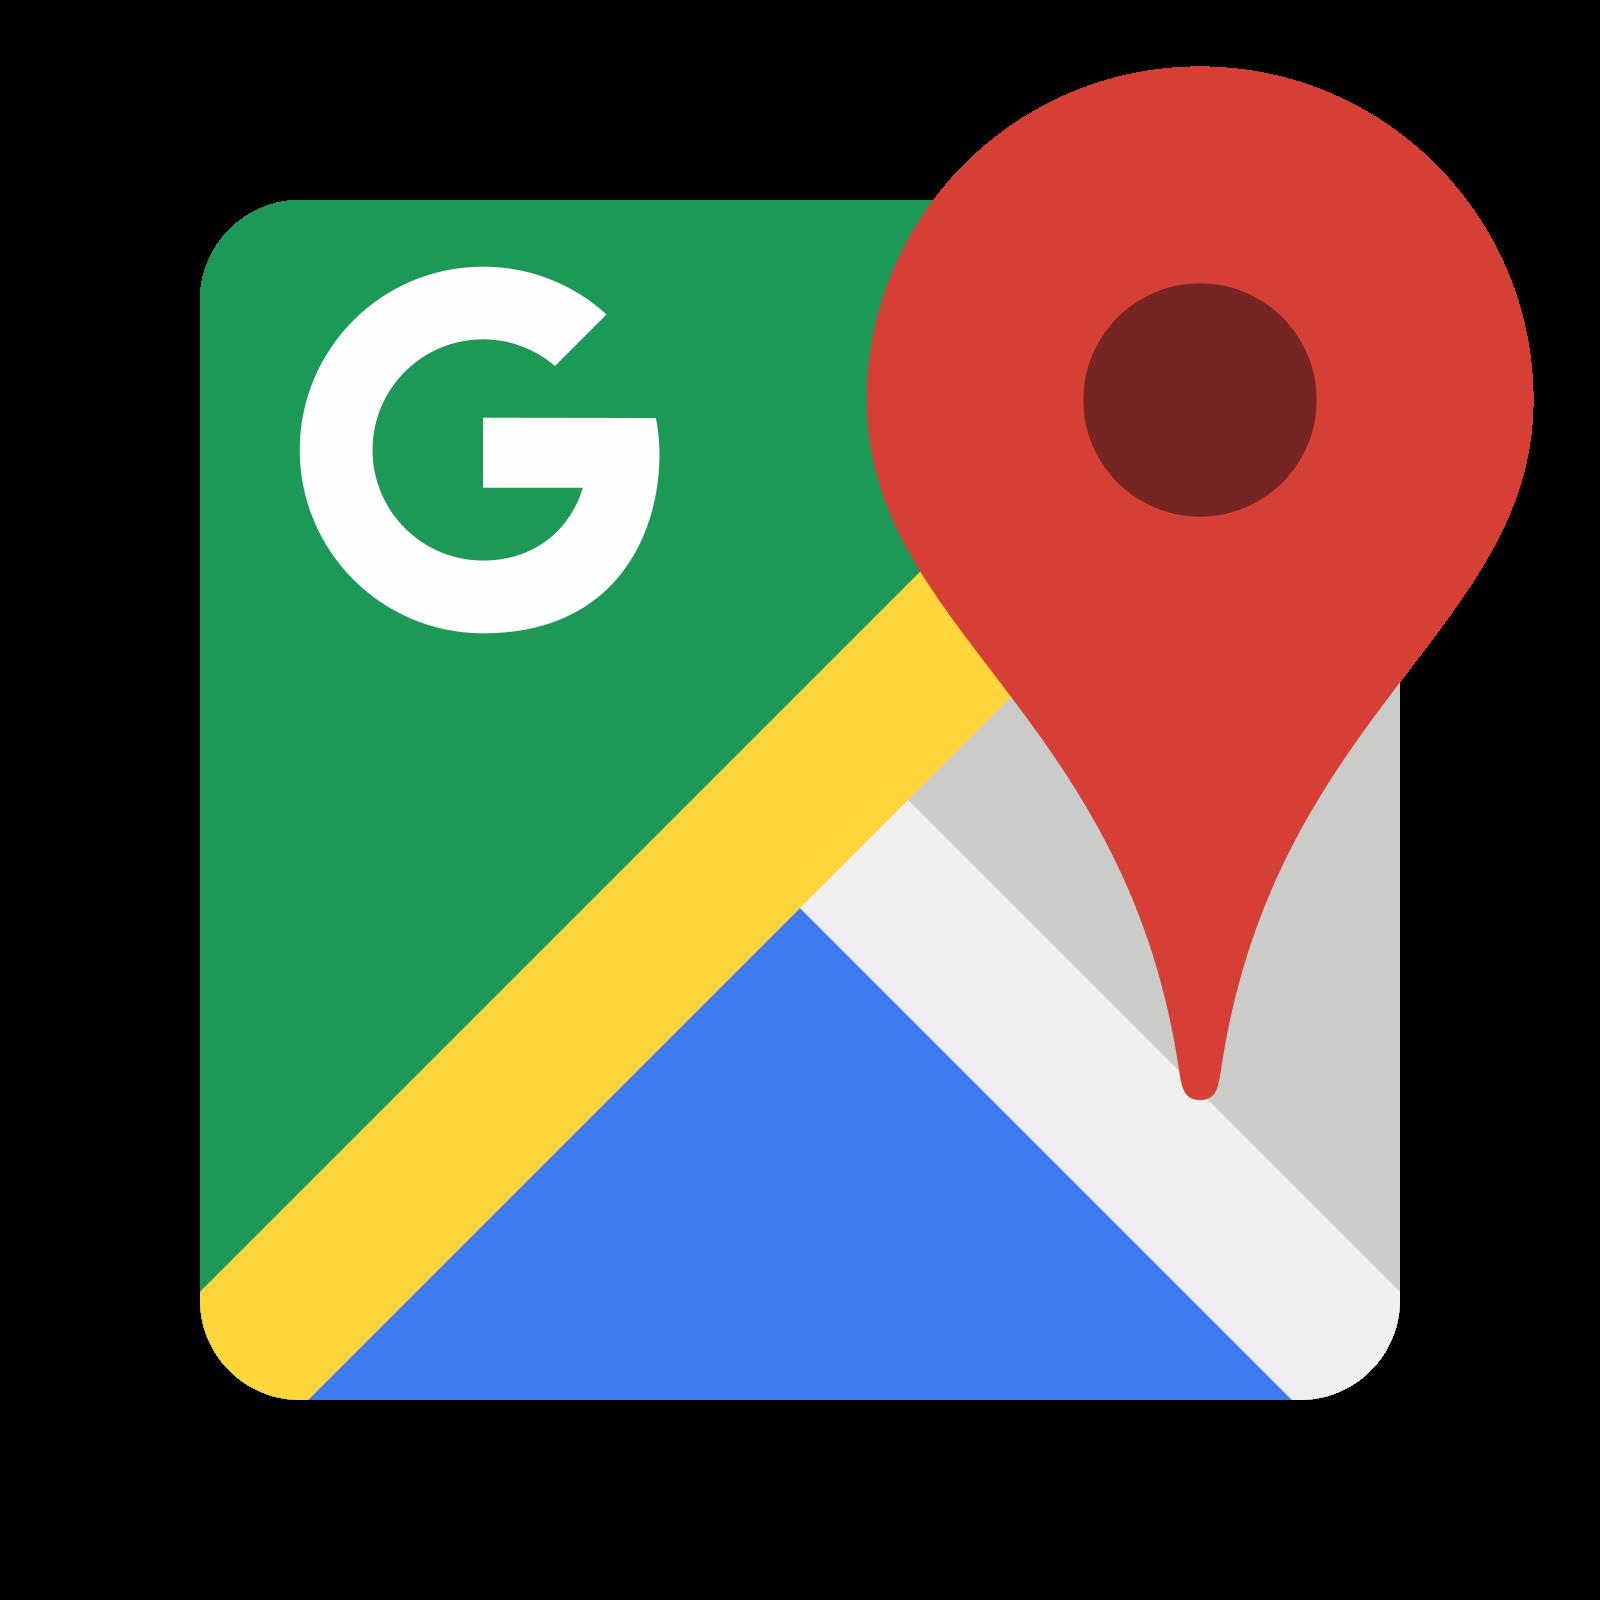 Google clipart original, Google original Transparent FREE.